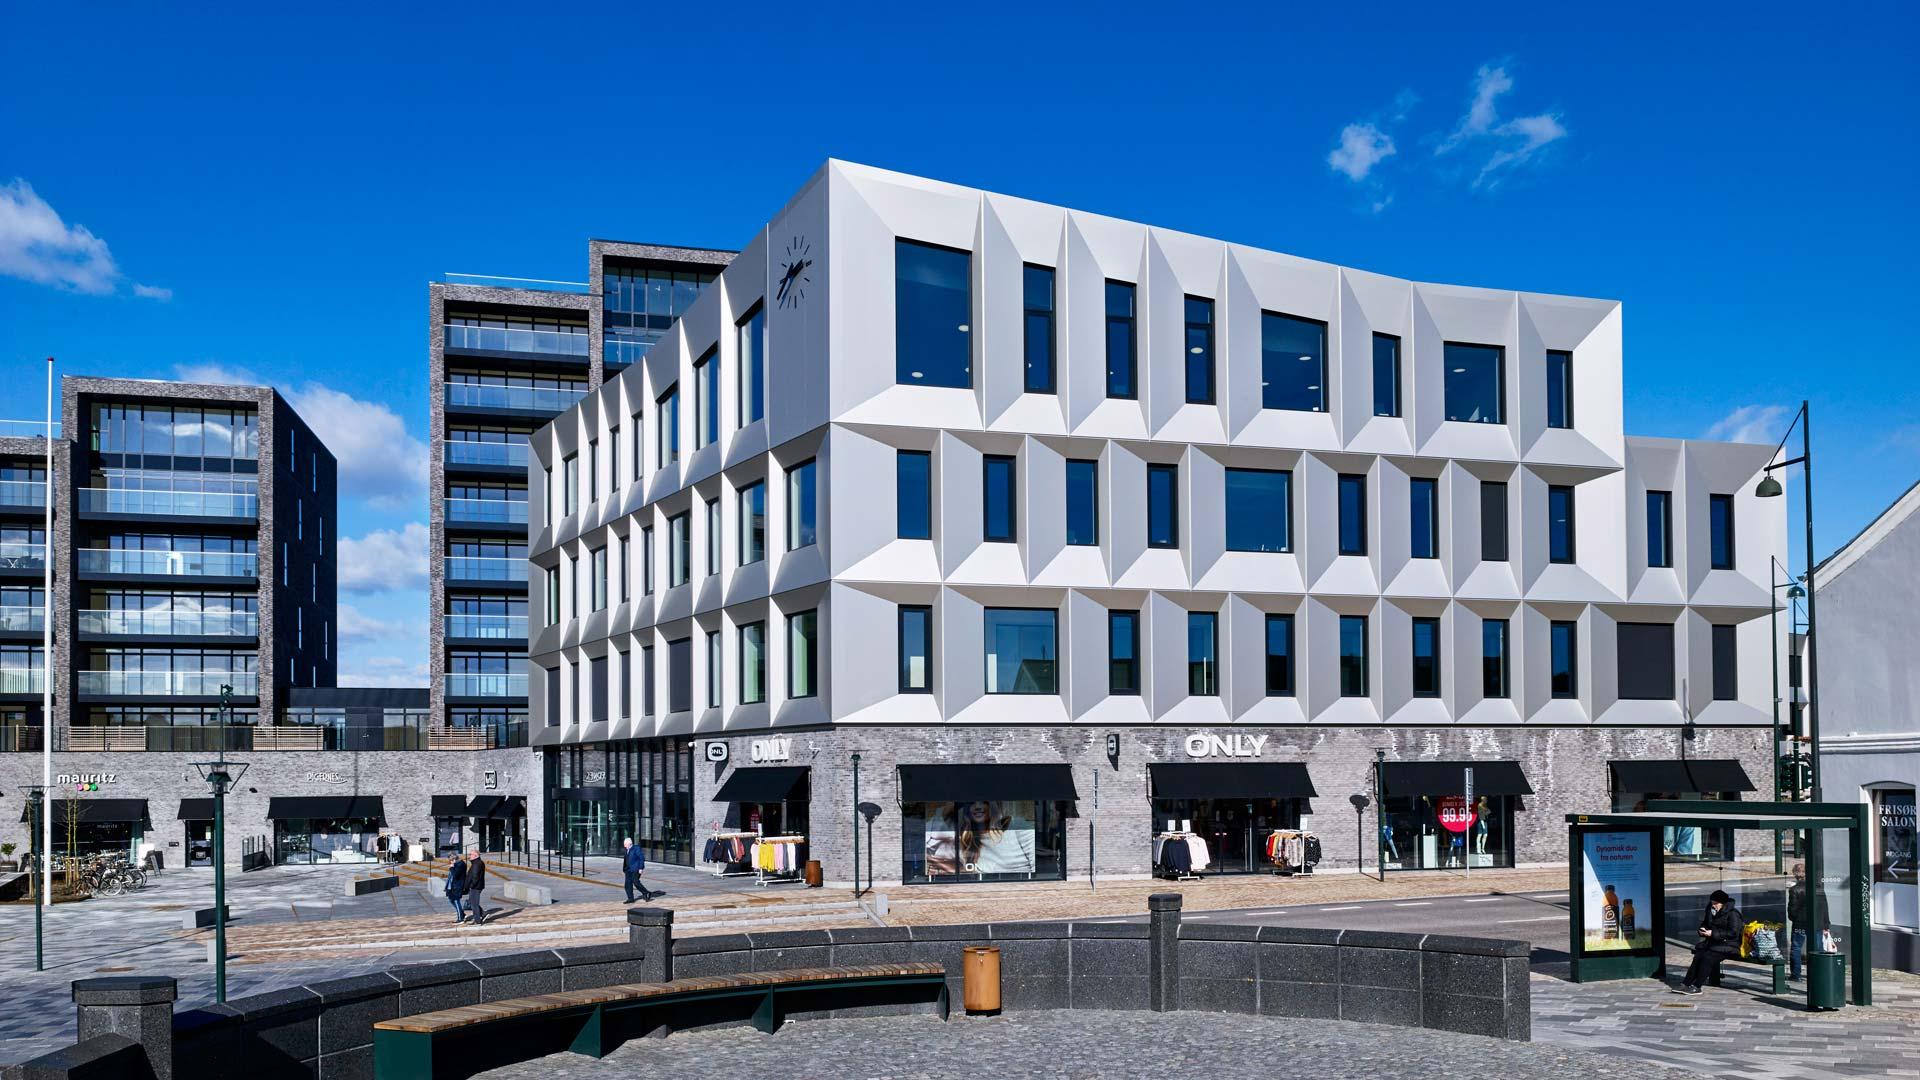 52f2790f08ab Rådhus-byggeri får Danmarks første grønne diamant - Building Supply DK